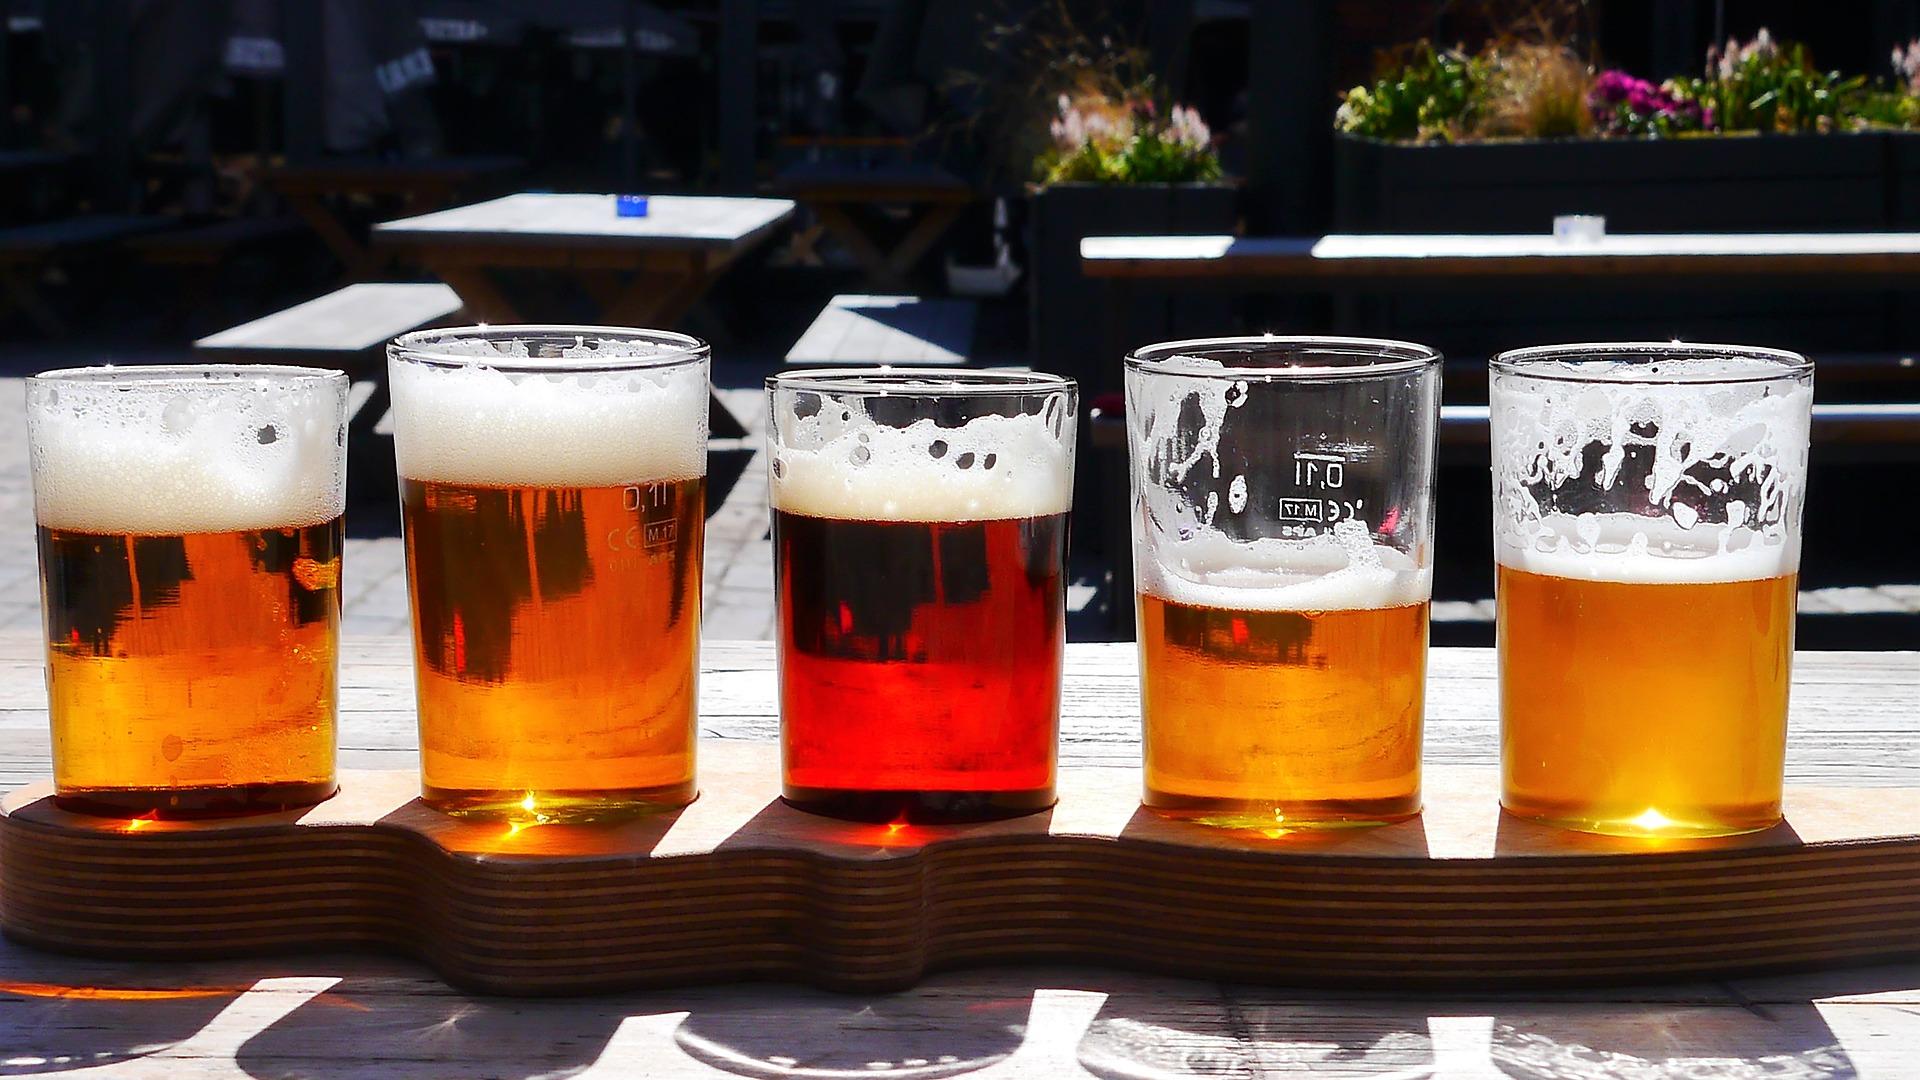 Bandeja com cinco copos de cerveja